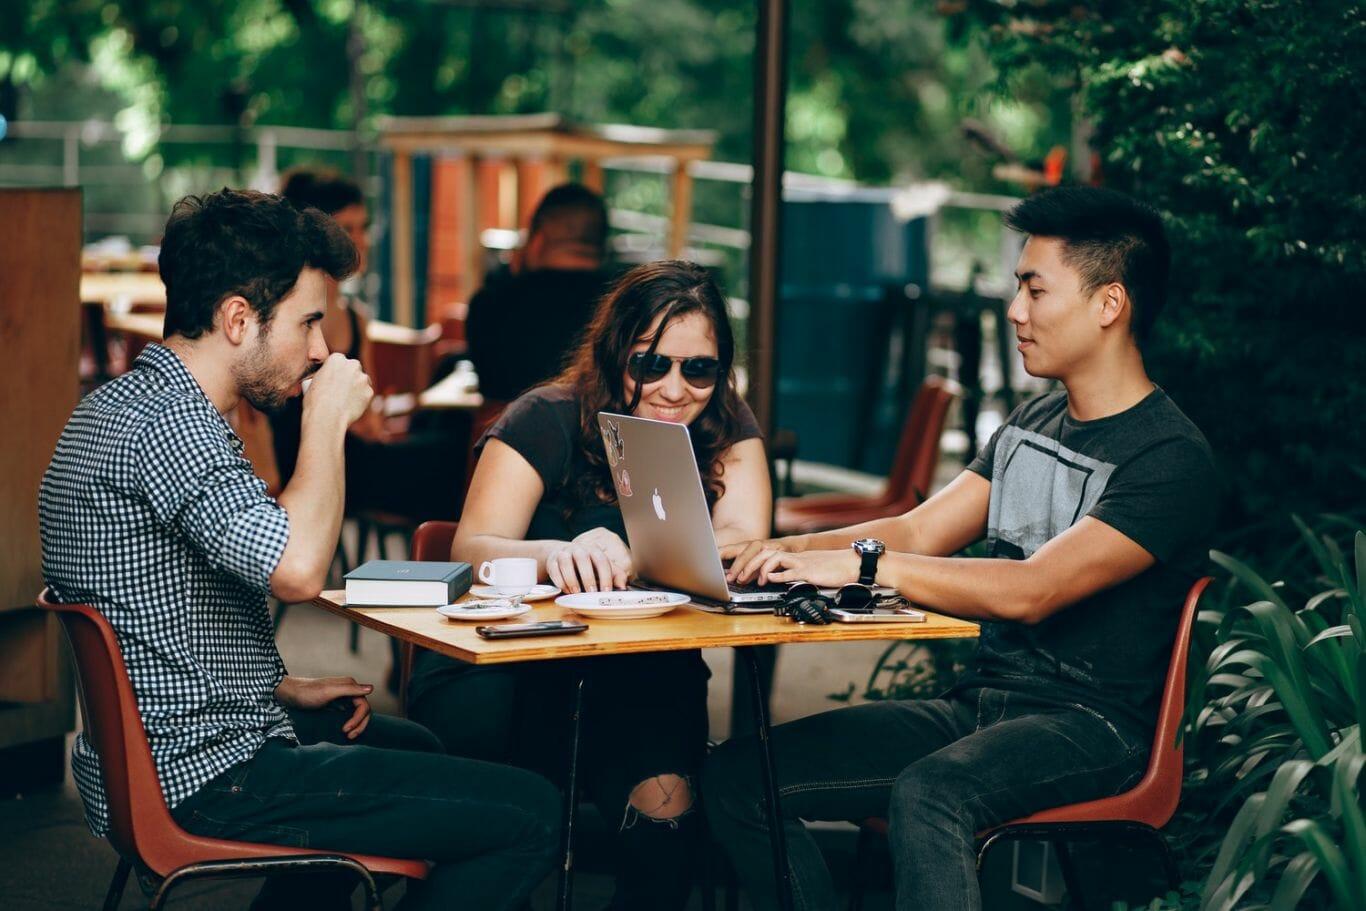 Grupo de jovens trabalhando juntos em uma mesa